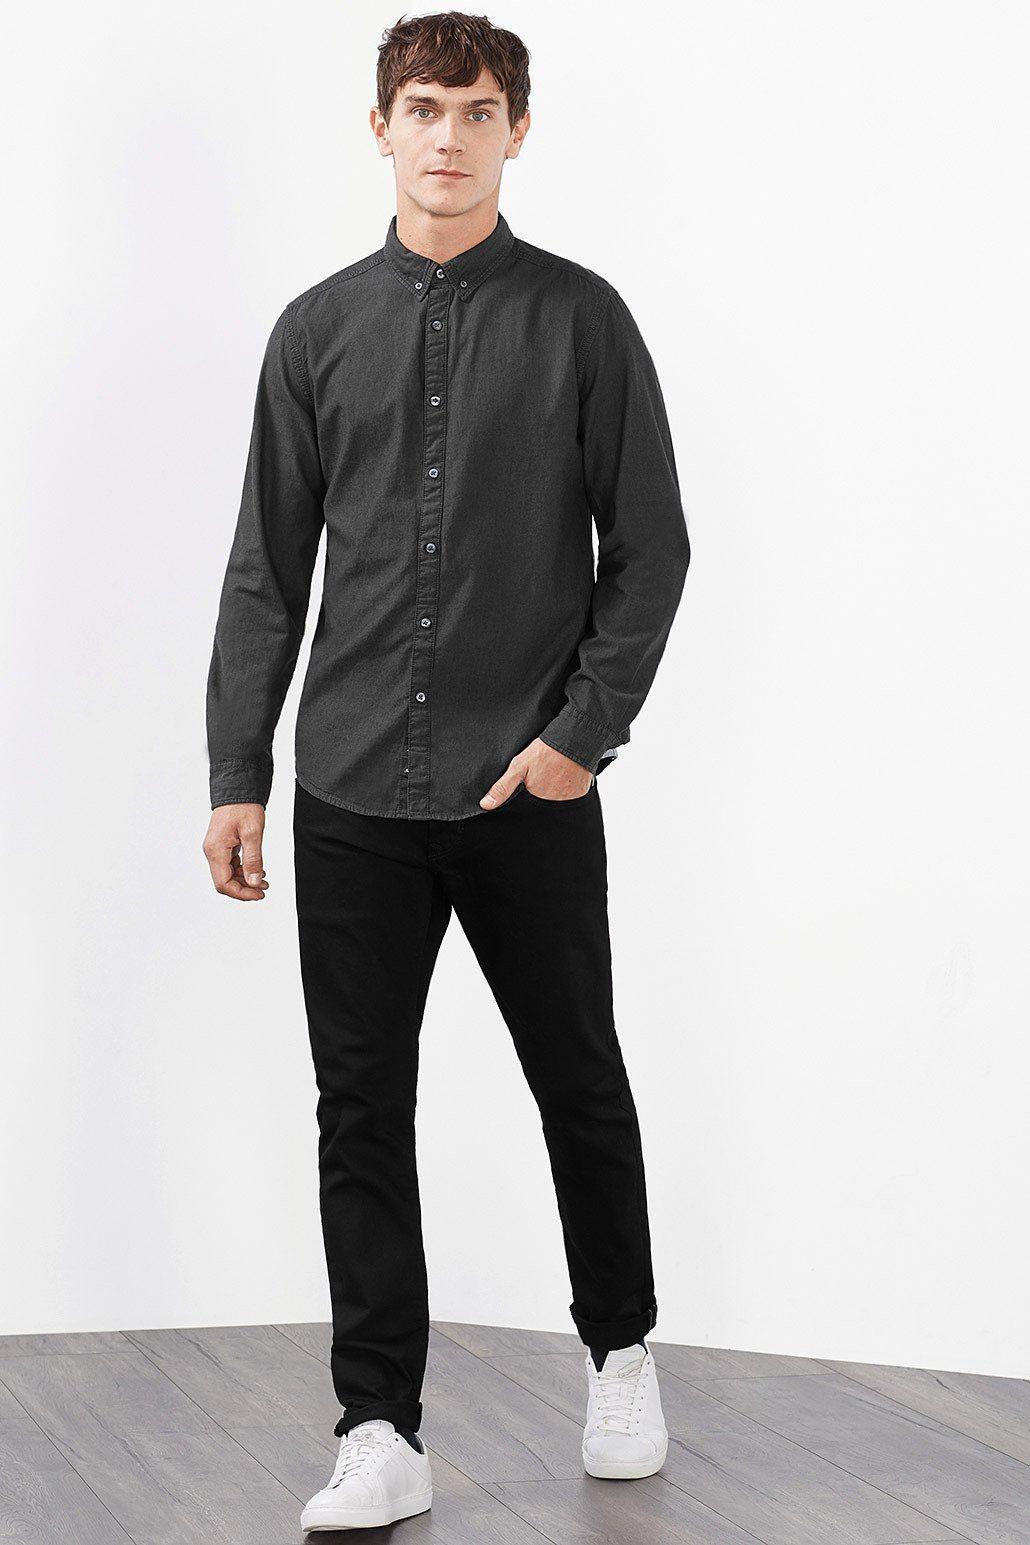 EDC Hemd mit Details, 100% Baumwolle